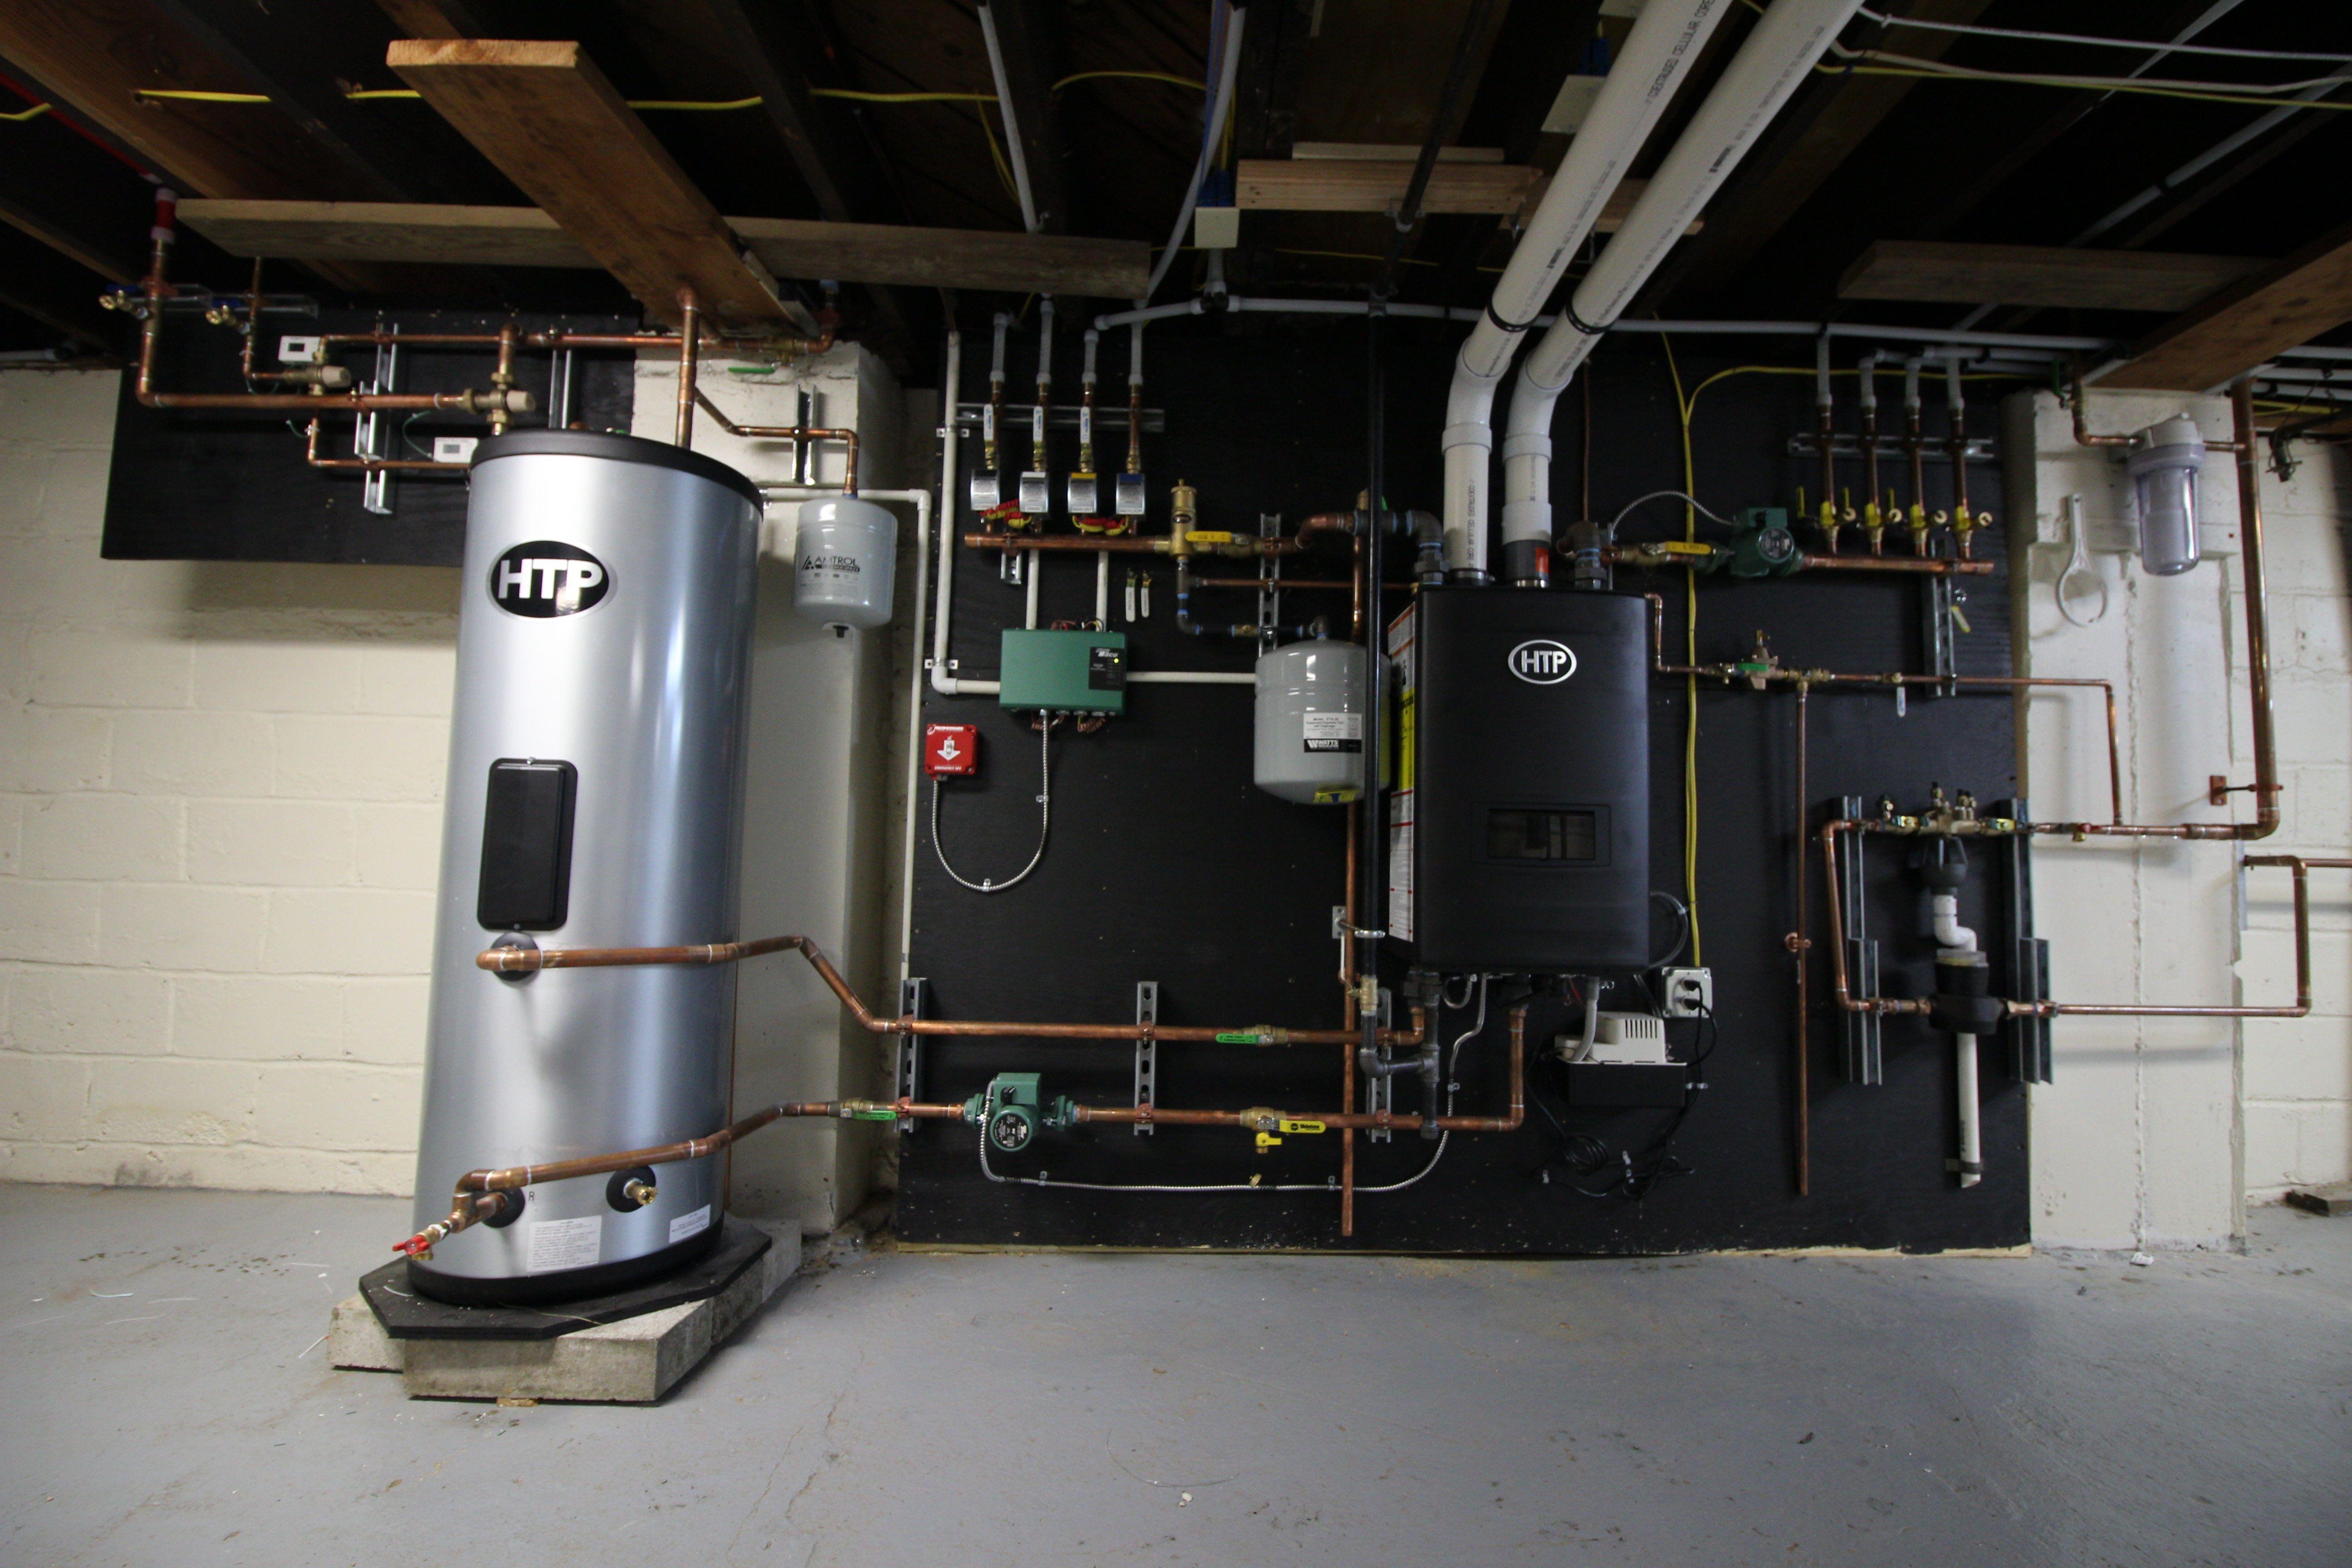 Install Ssp Indirect Amp Uft Boiler